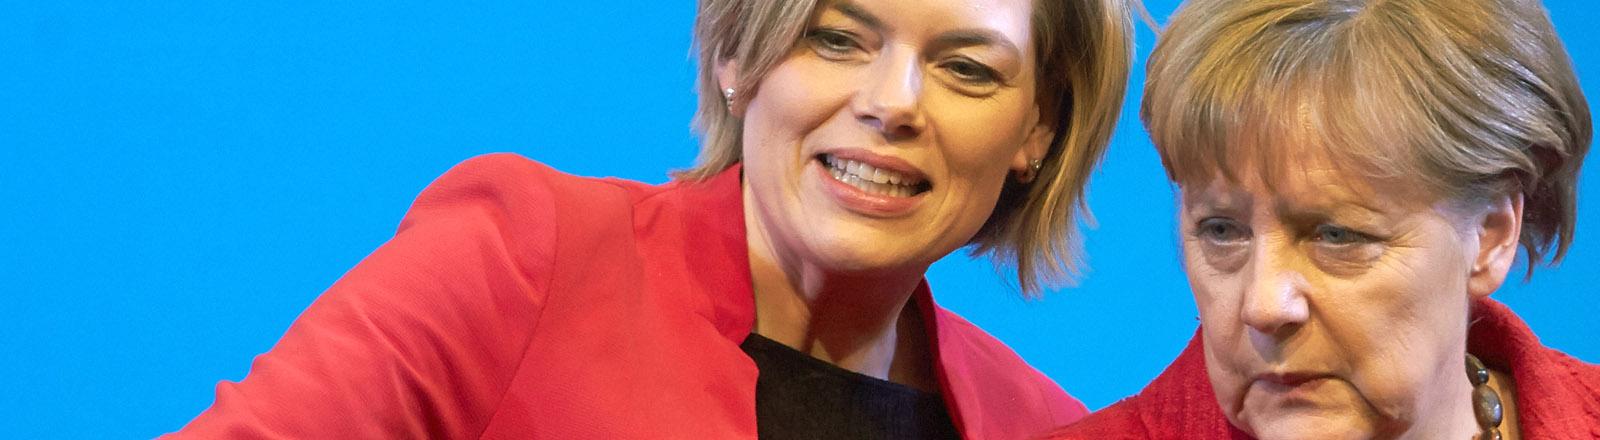 Bundeskanzlerin Angela Merkel (CDU, r) und die Spitzenkandidatin der CDU für die Landtagswahlen in Rheinland-Pfalz, Julia Klöckner, unterhalten sich am 09.03.2016 bei einem Wahlkampfauftritt in Bad Neuenahr (Rheinland-Pfalz).